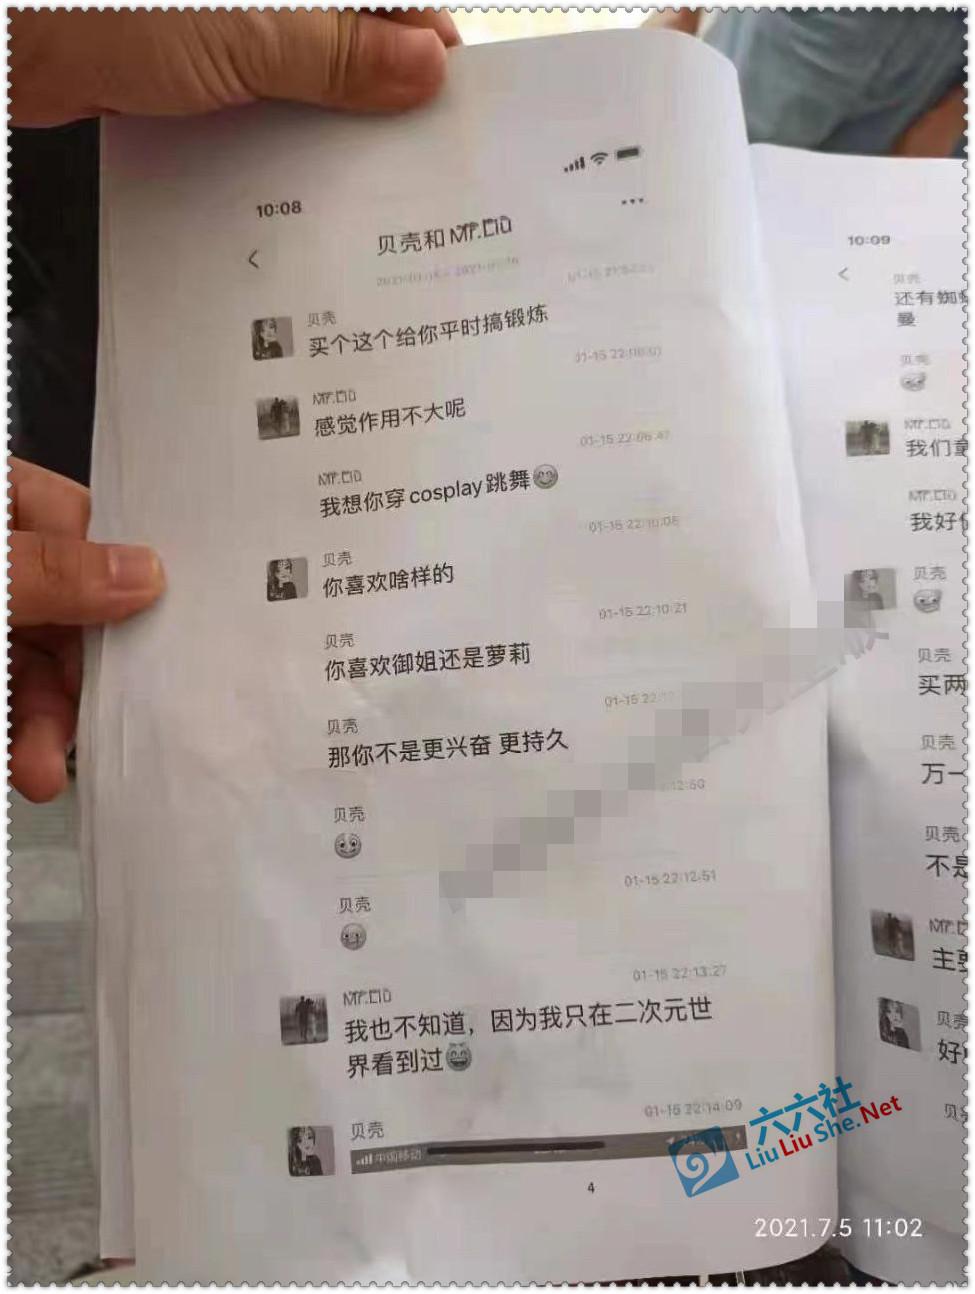 永州农商银行瓜 是怎么回事?附:刘某湘与柜员蒋某的暧昧聊天记录 吃瓜基地 第2张